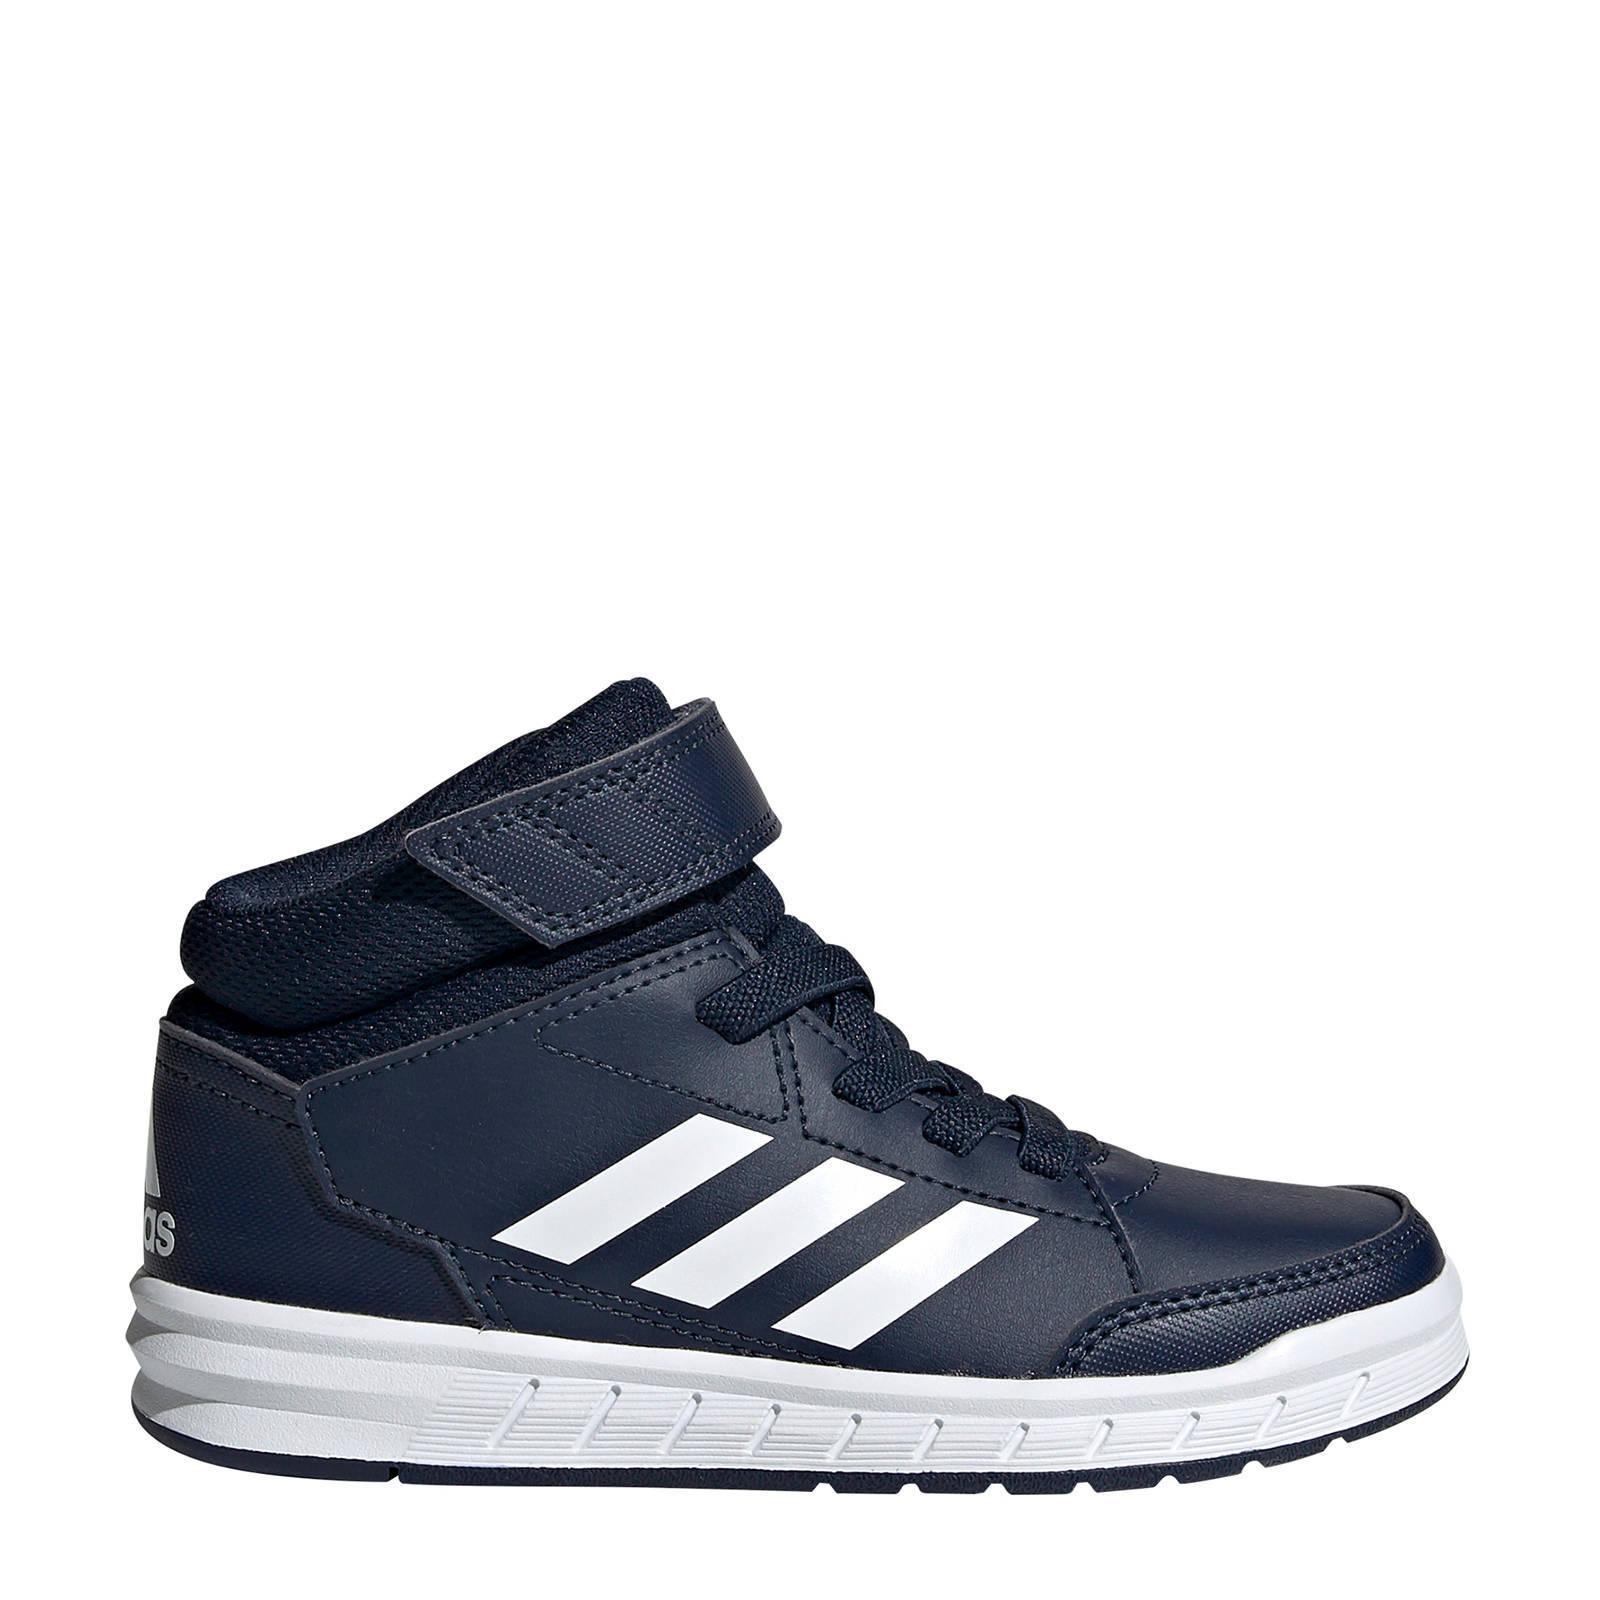 Meisjes Adidas Sport schoenen kopen? Vergelijk op